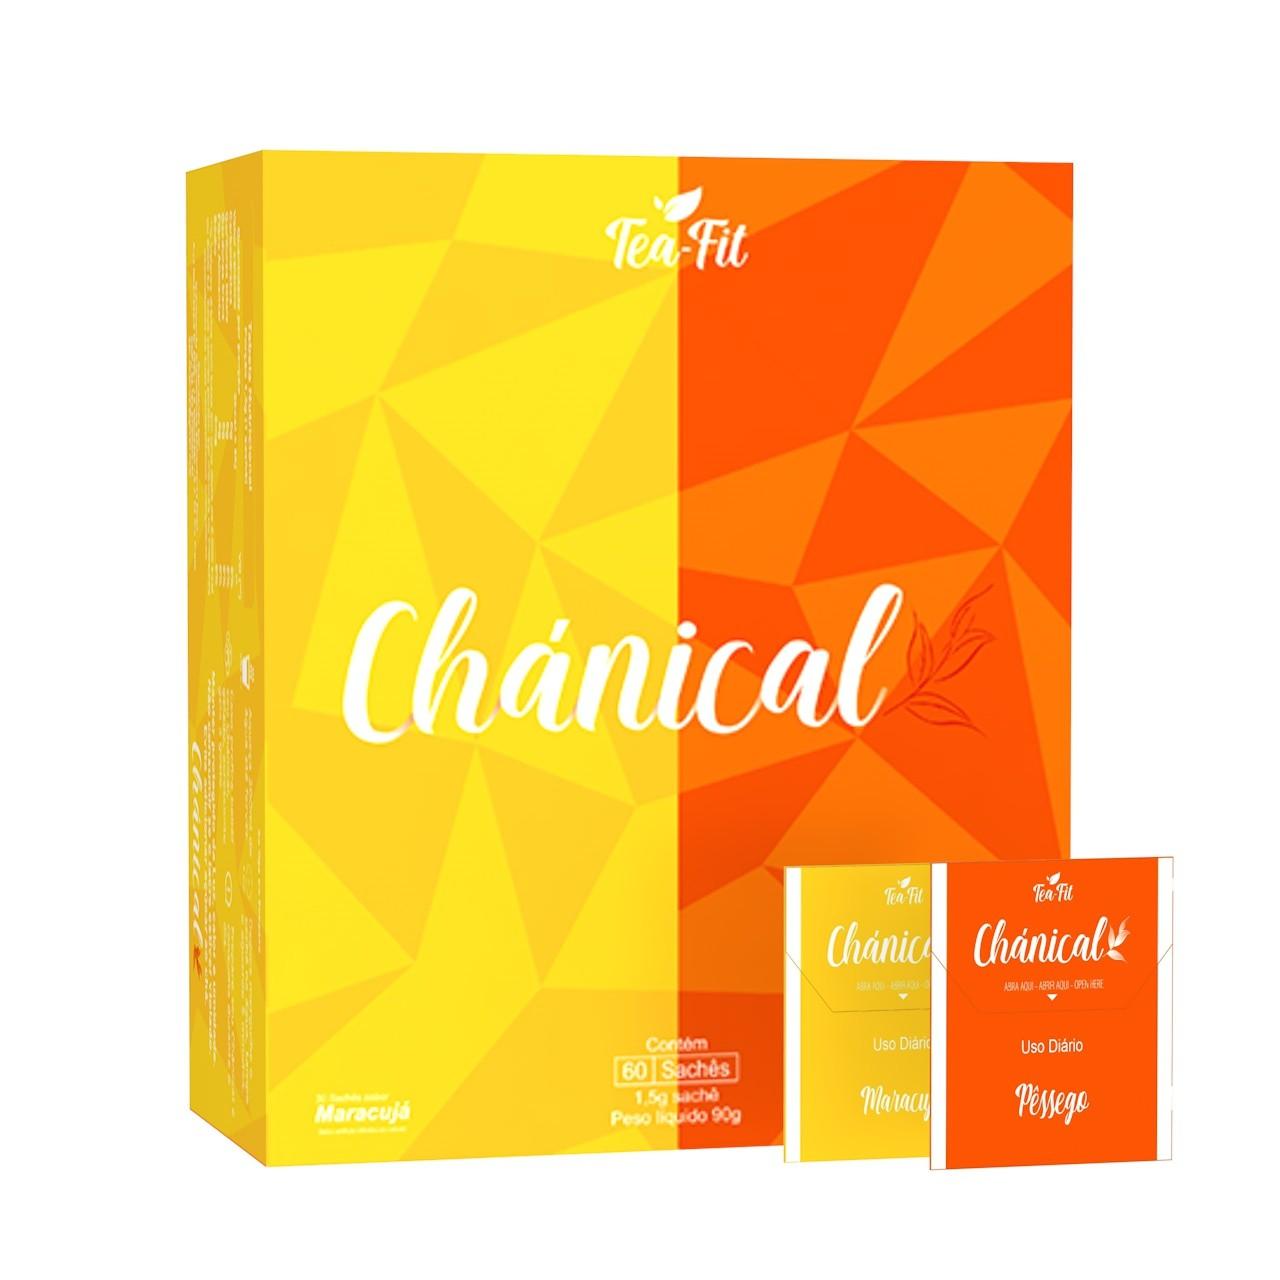 Chánical Tea-Fit 60 Saches Pêssego e Maracujá  - KFit Nutrition